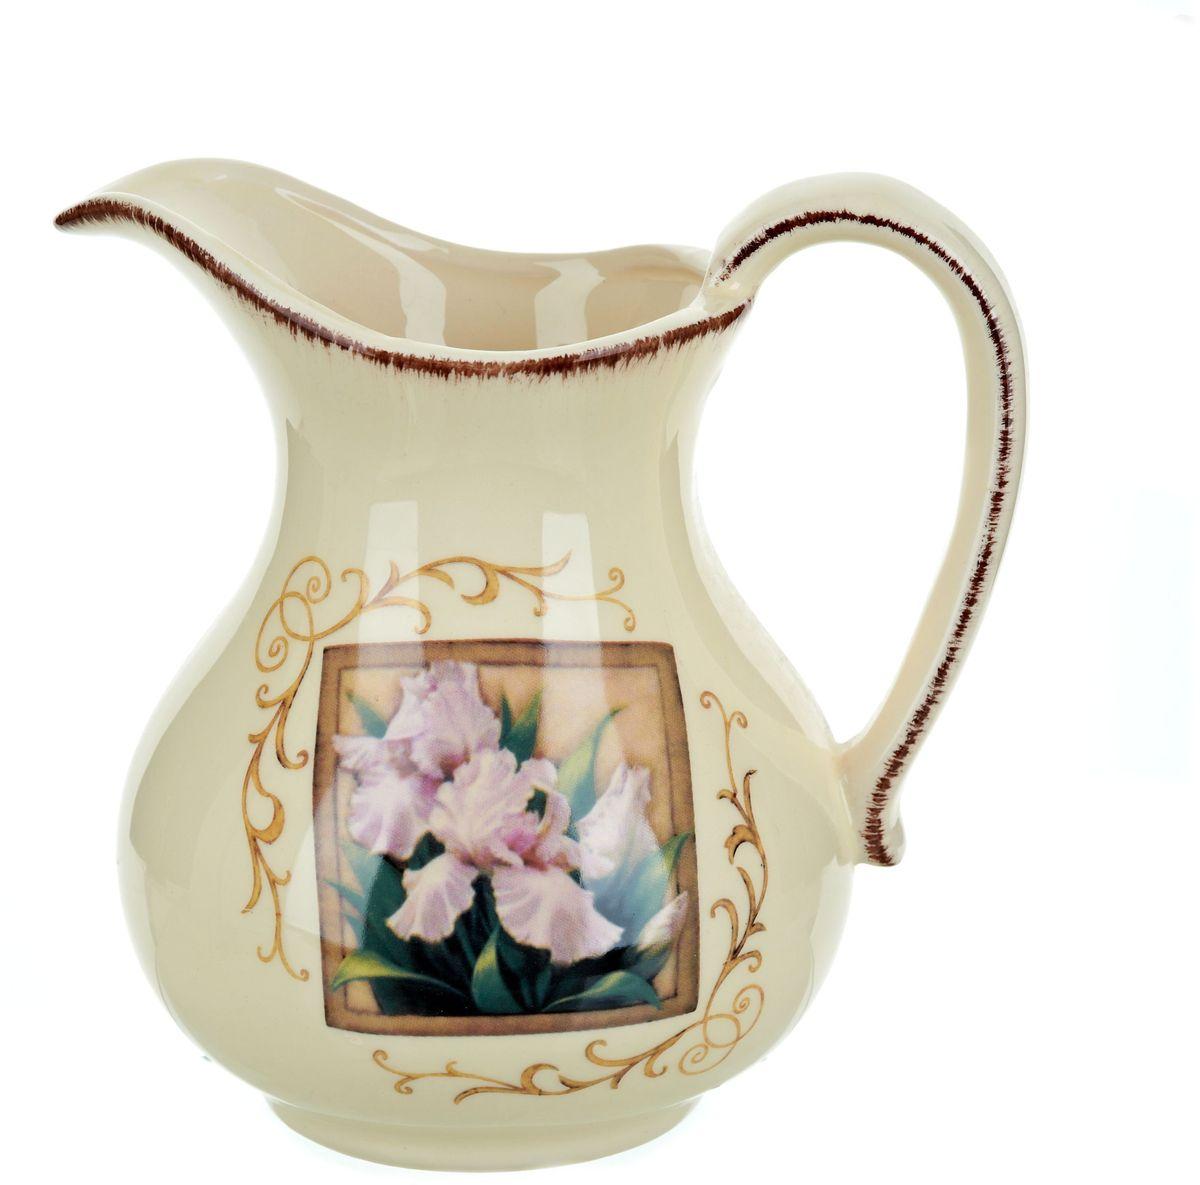 Кувшин ENS Group Розовый ирис, 1,28 л0280006Кувшин Розовый ирис изготовлен из высококачественной керамики, декорирован узорами и изображением ириса в рамке. Кувшин оснащен удобной ручкой. Прекрасно подходит для подачи воды, сока, компота и других напитков. В подарочной упаковке. Изящный кувшин красиво оформит стол и порадует вас элегантным дизайном и простотой ухода.